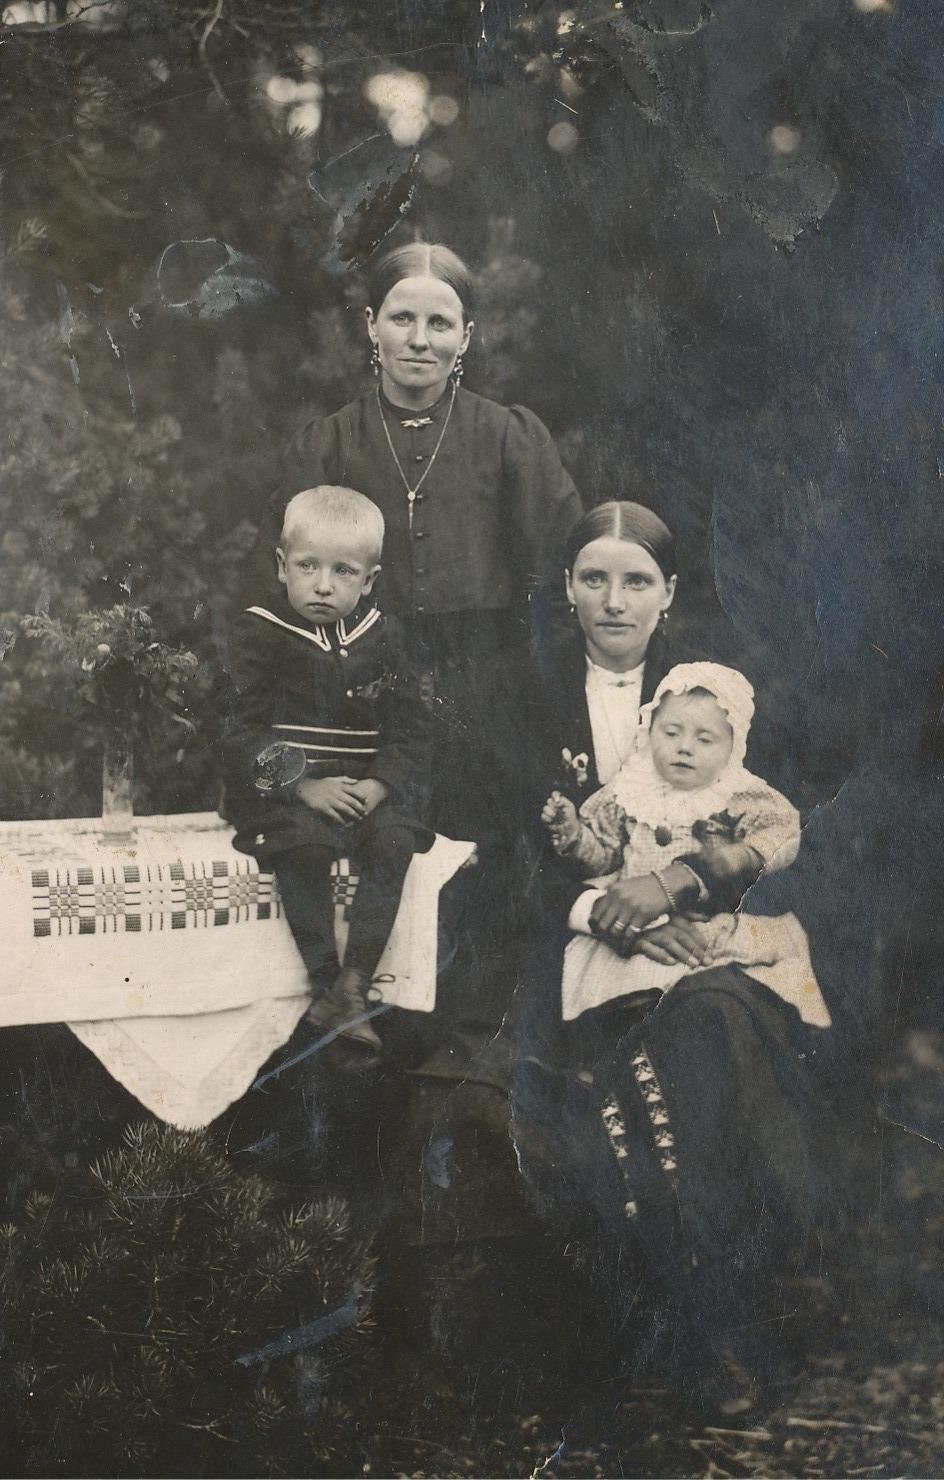 Systrarna Ida Backlund och Hulda Klåvus med barnen Ragnar och Hjördis i mitten på 20-talet.